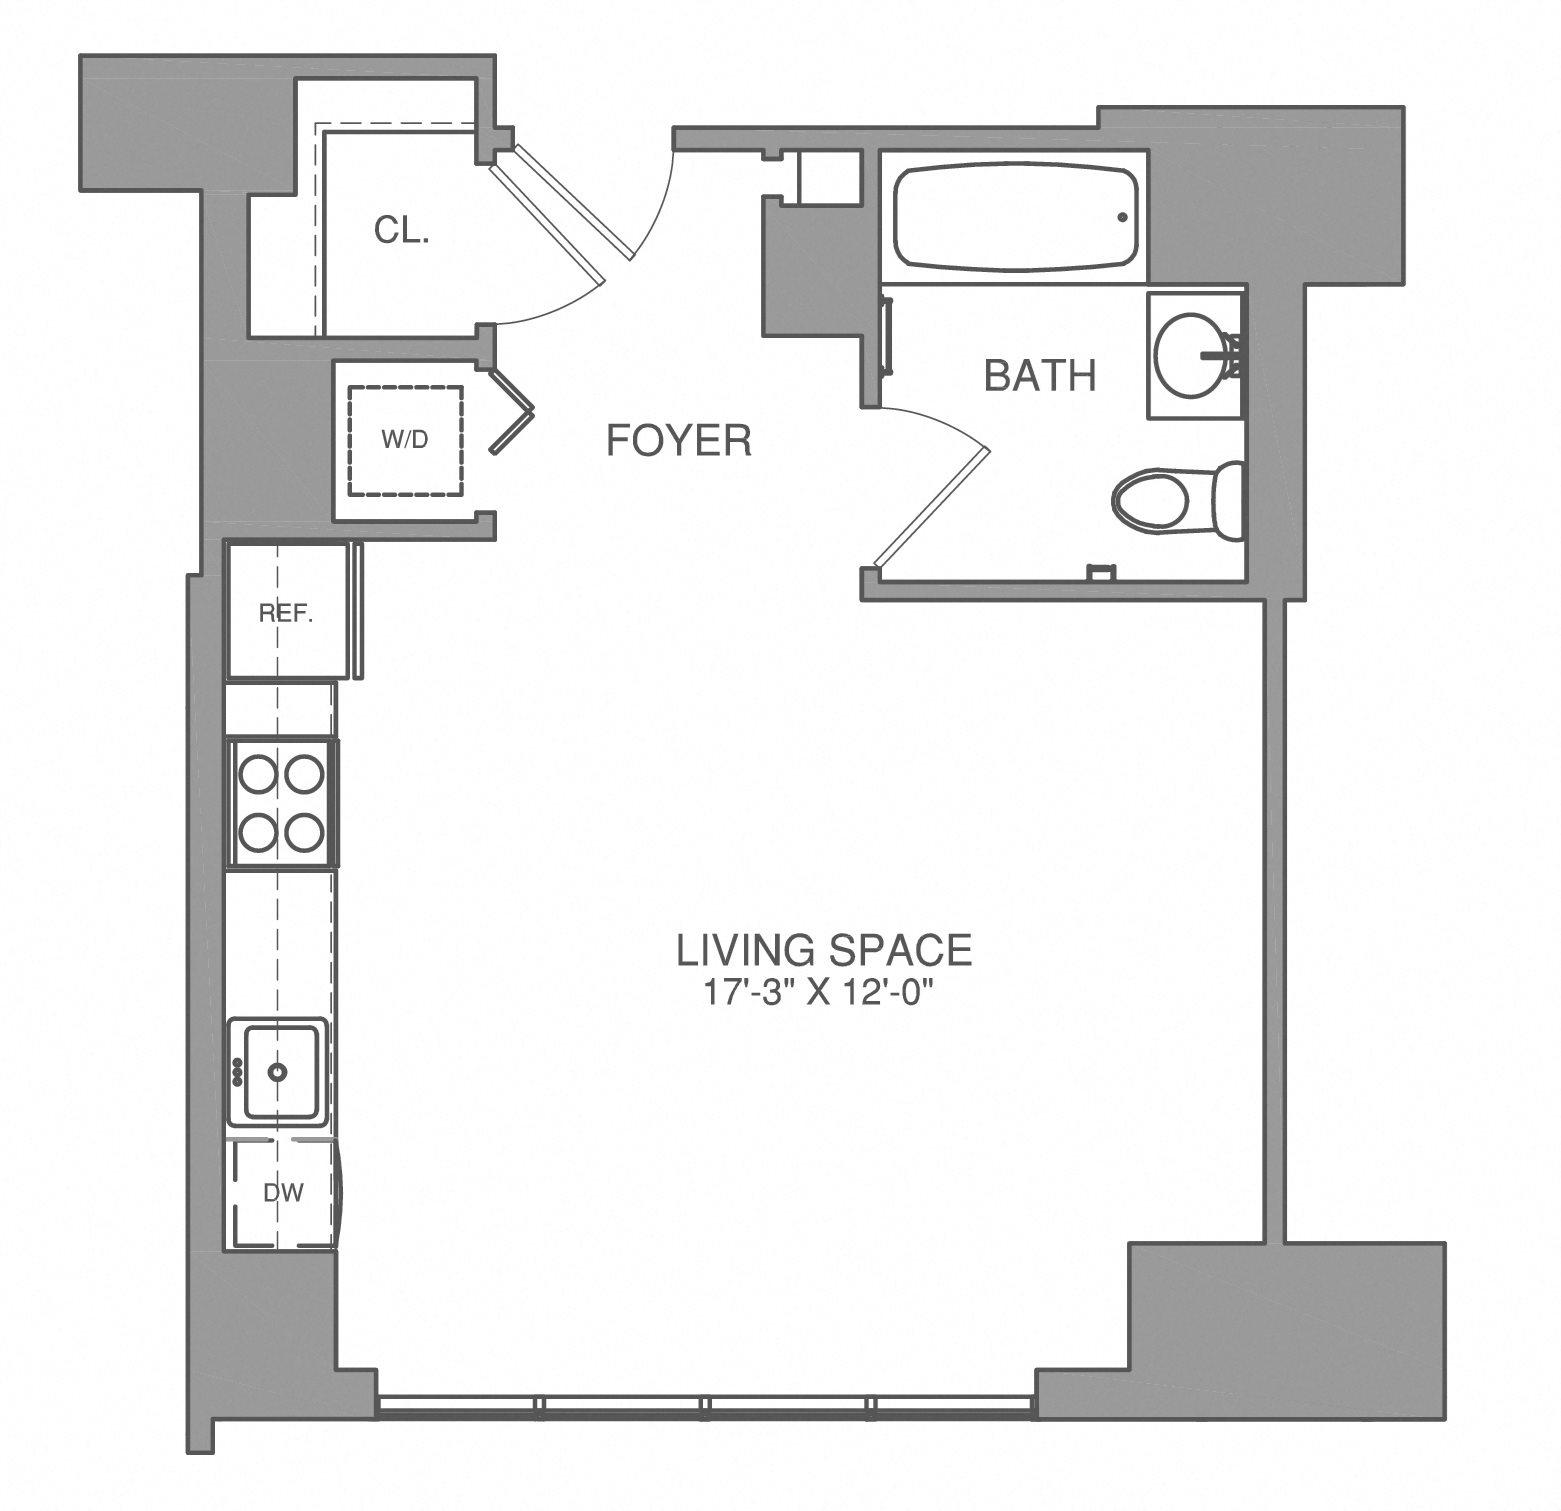 C_S2 Floor Plan 2